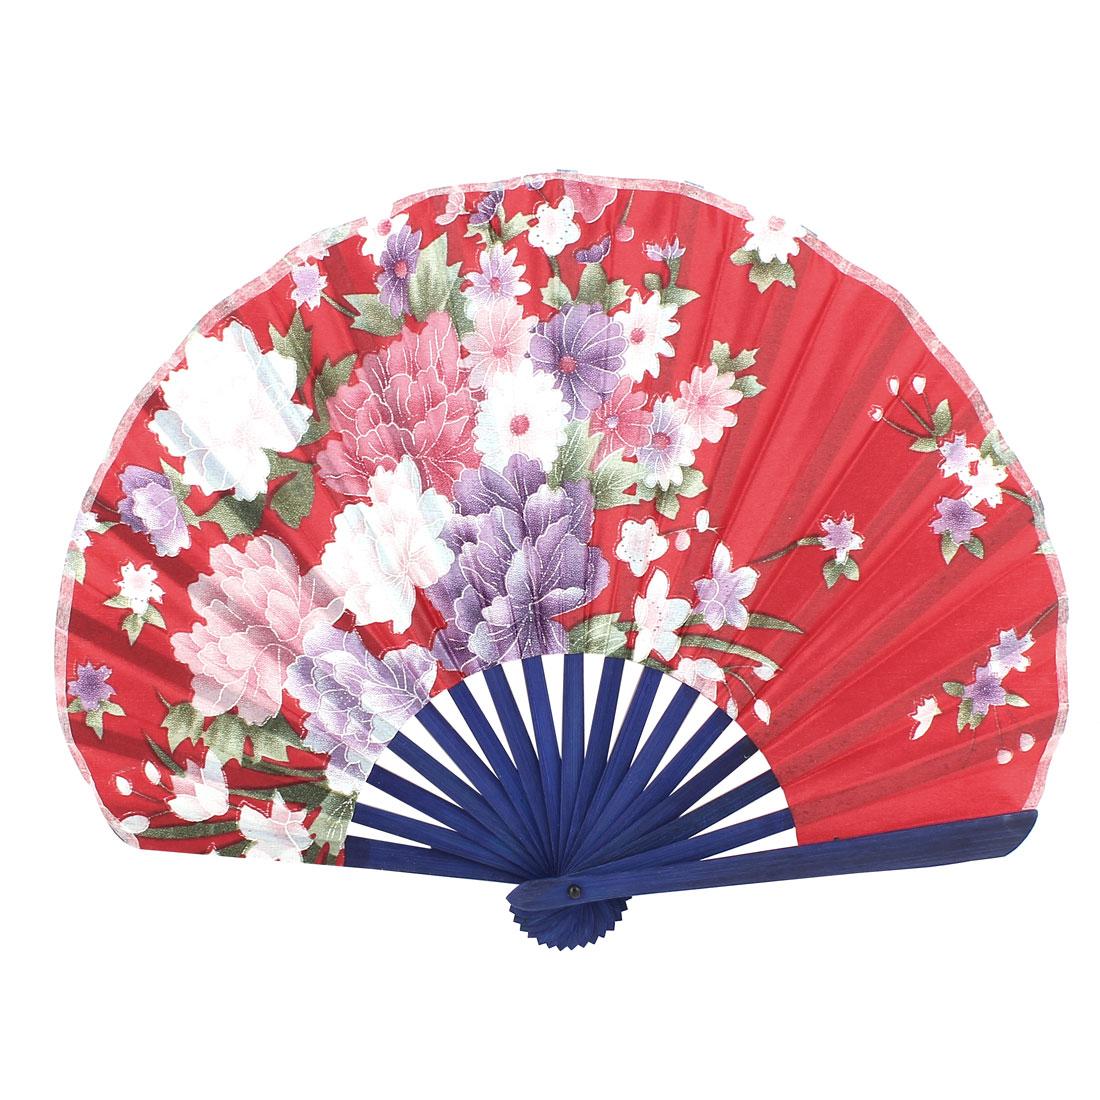 Seashell Style Flower Pattern Wedding Party Folding Hand Fan Red